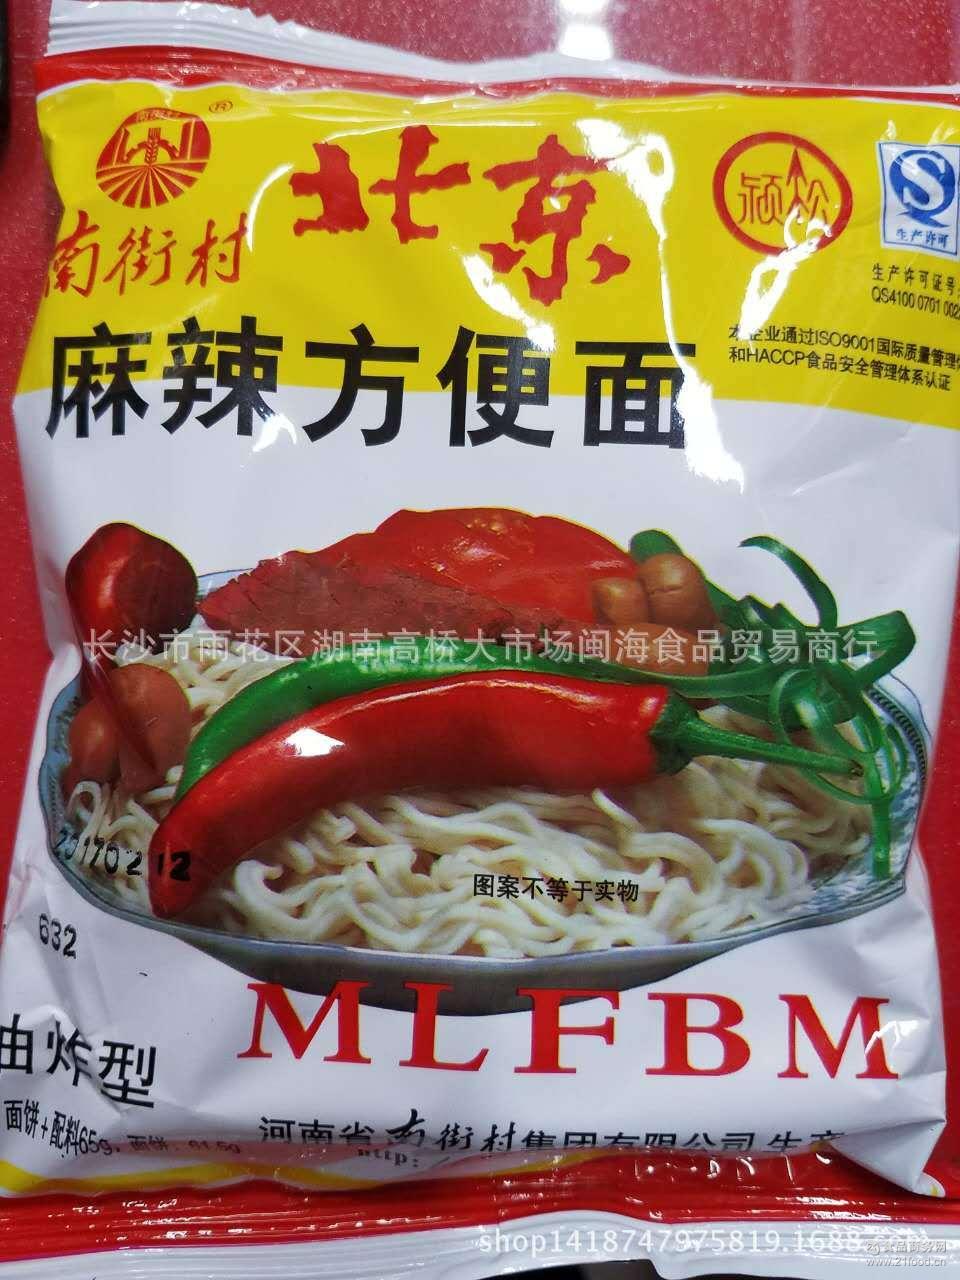 厂家正品北京方便面南街村麻辣面40包*62g方便面零食特产批发